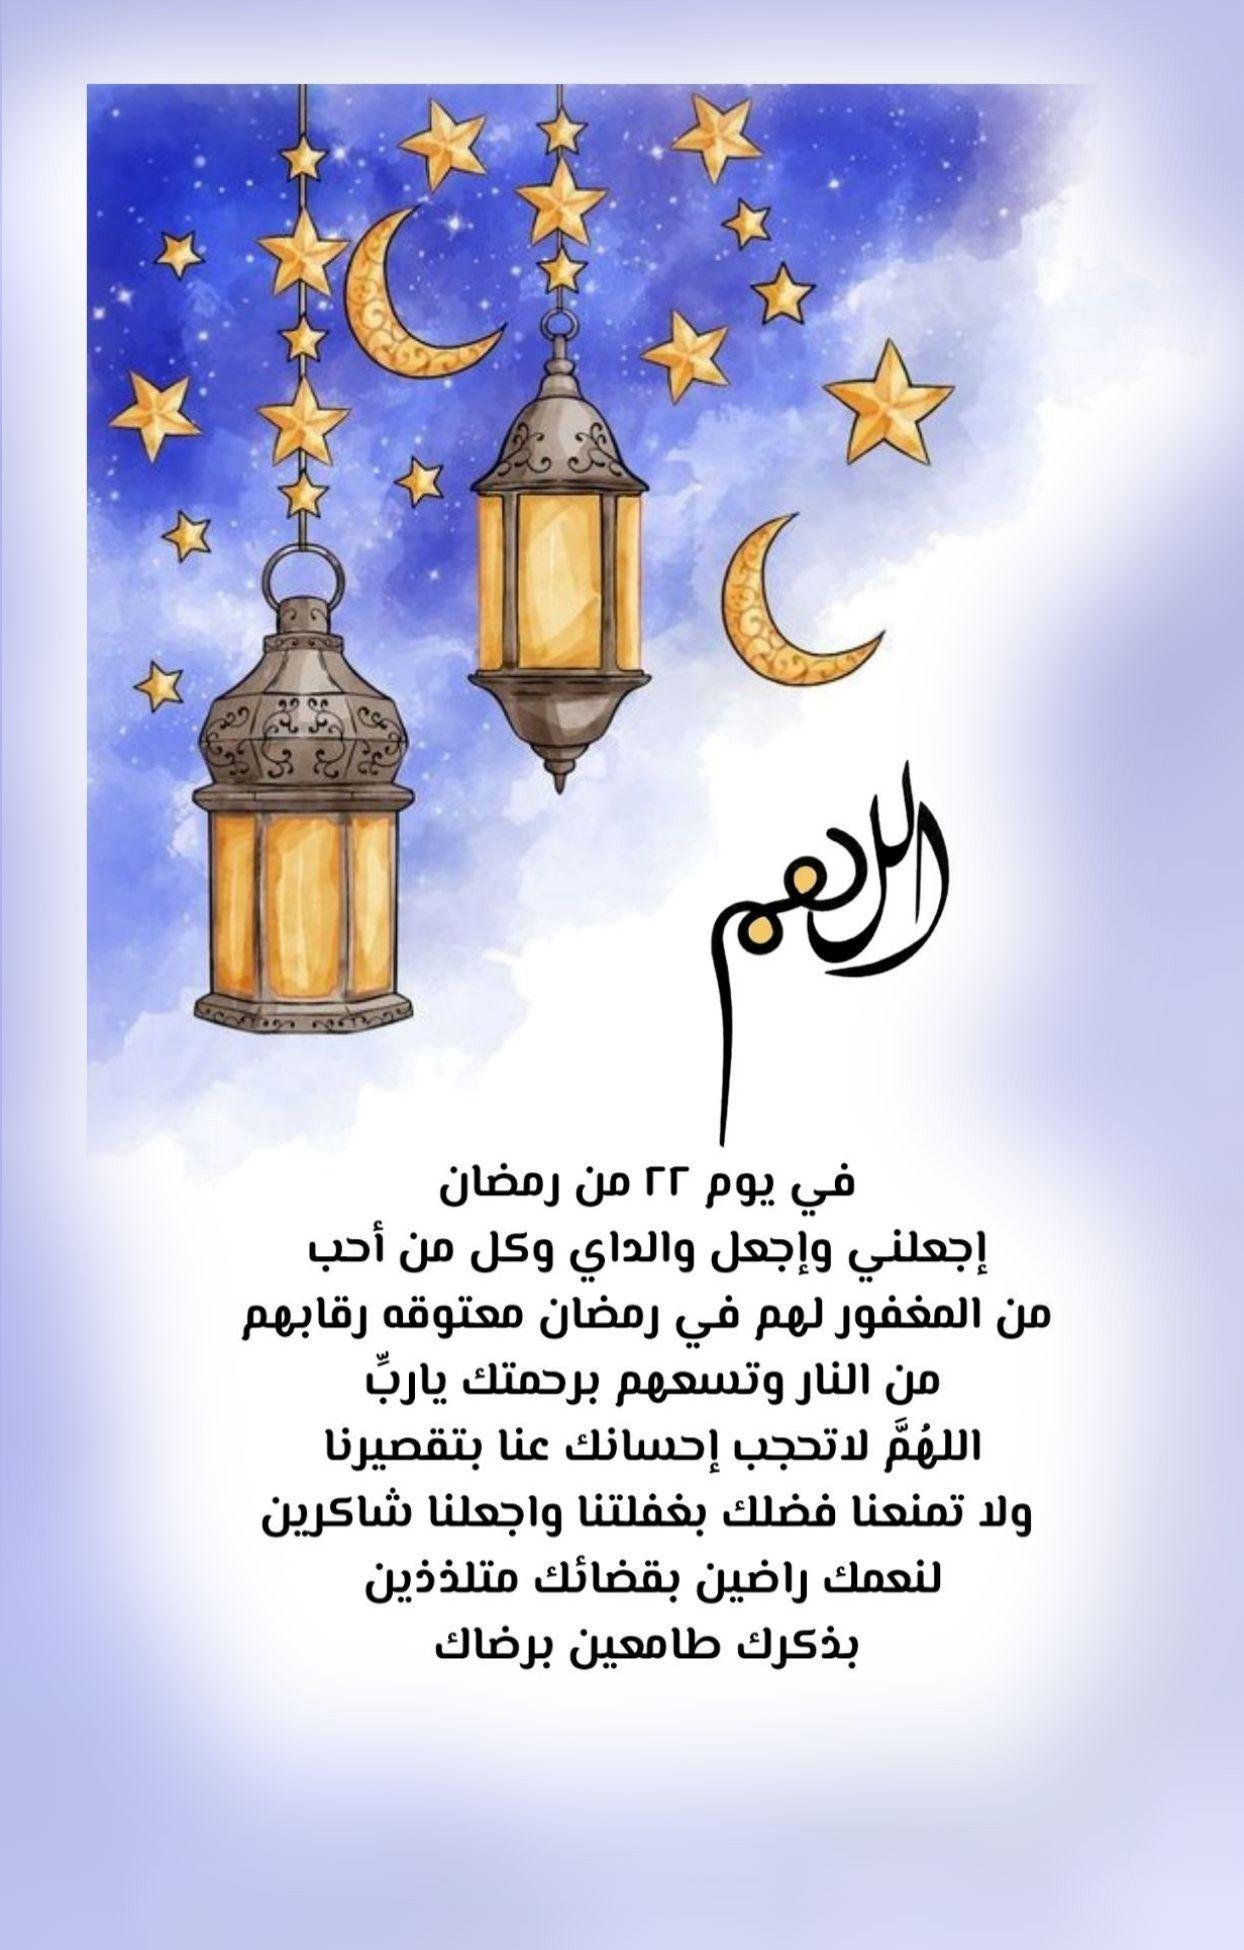 Pin By Ibrahim Abdelnour On Ramadan 2021 In 2021 Ramadan Ramadan Kareem Ramadan Mubarak